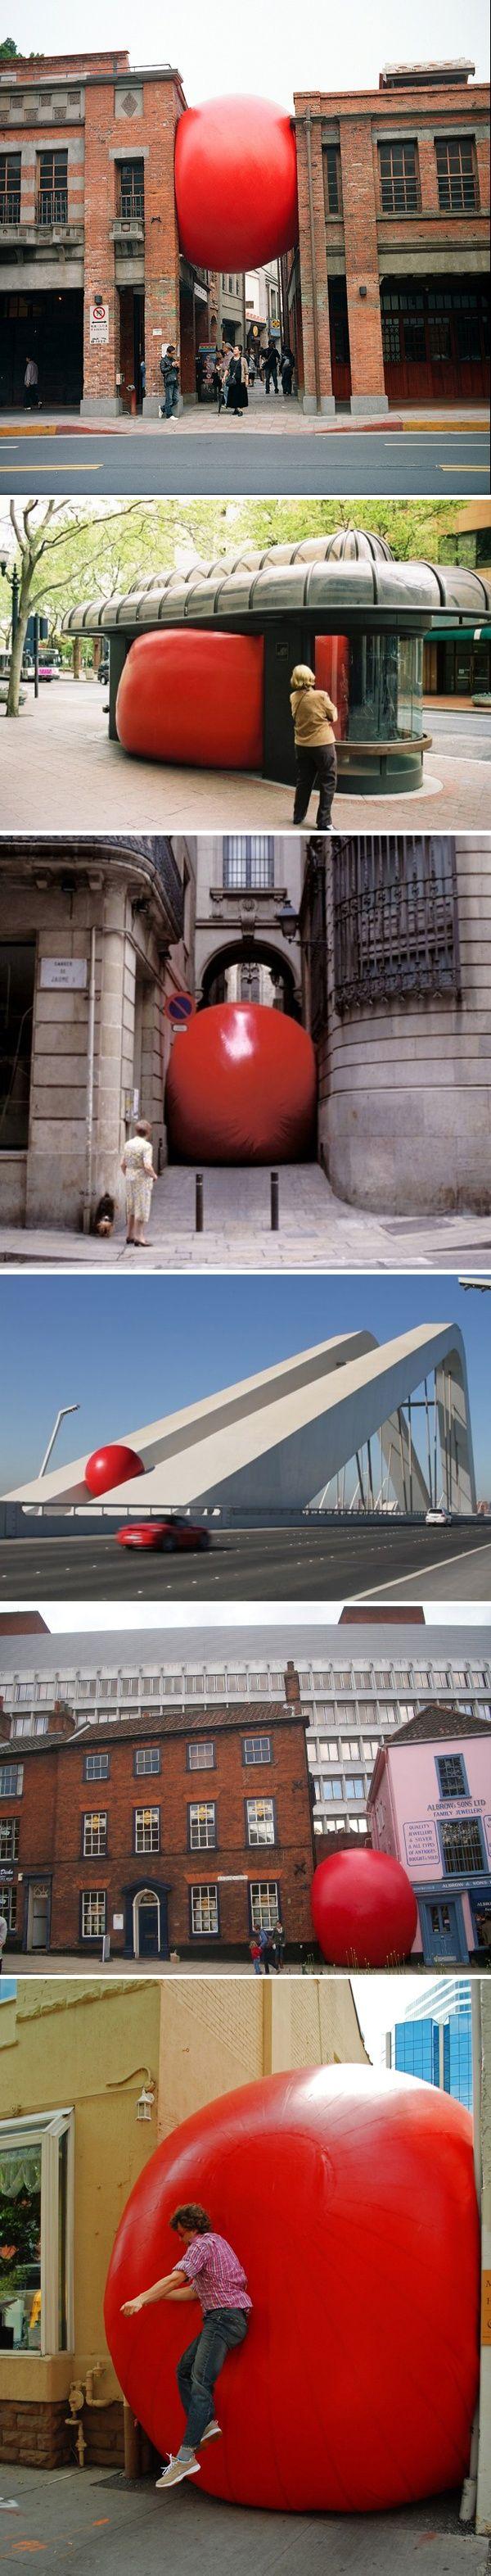 Kurt Perschke's Red Ball Project   http://www.juxtapoz.com/Street-Art/kurt-perschkes-red-ball-project